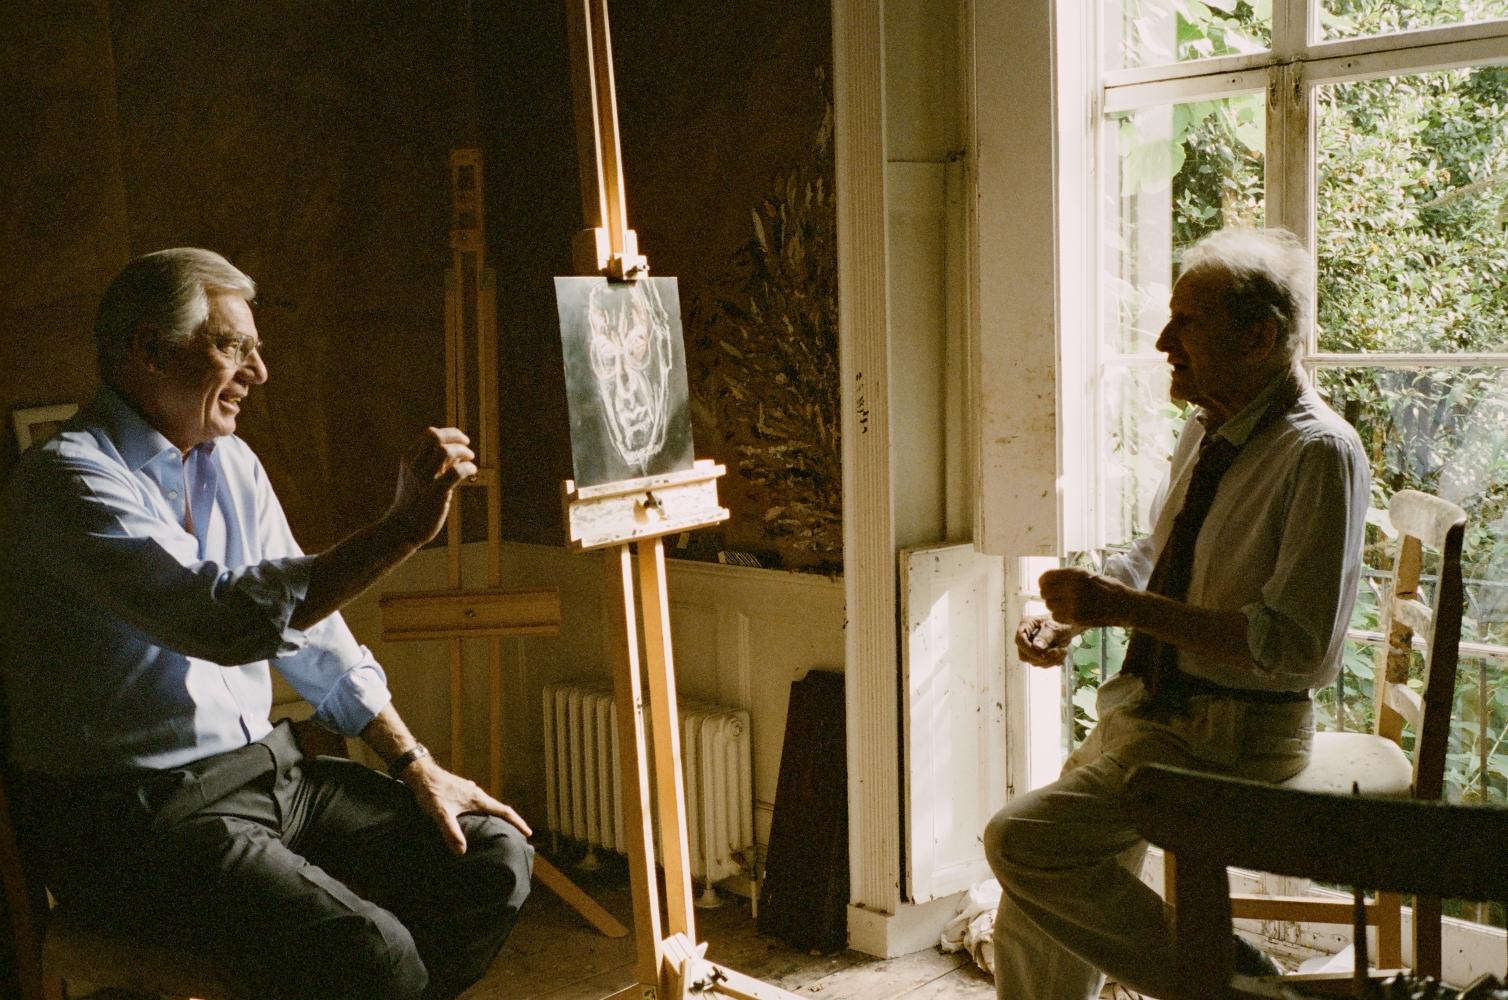 Lucian Freud photo by David Dawson